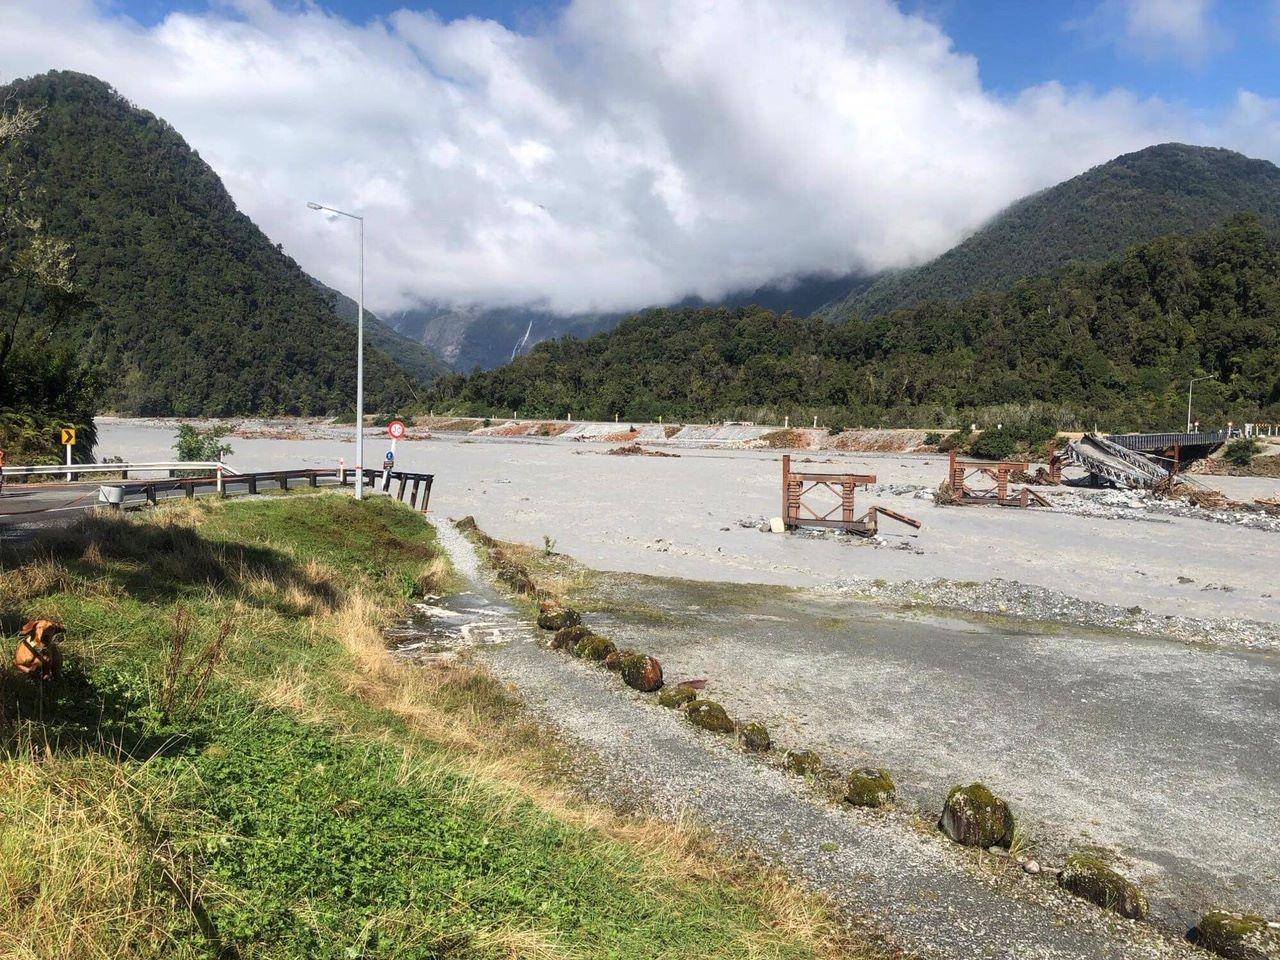 В Новой Зеландии из-за бушующего шторма смыло мост: видео и фото